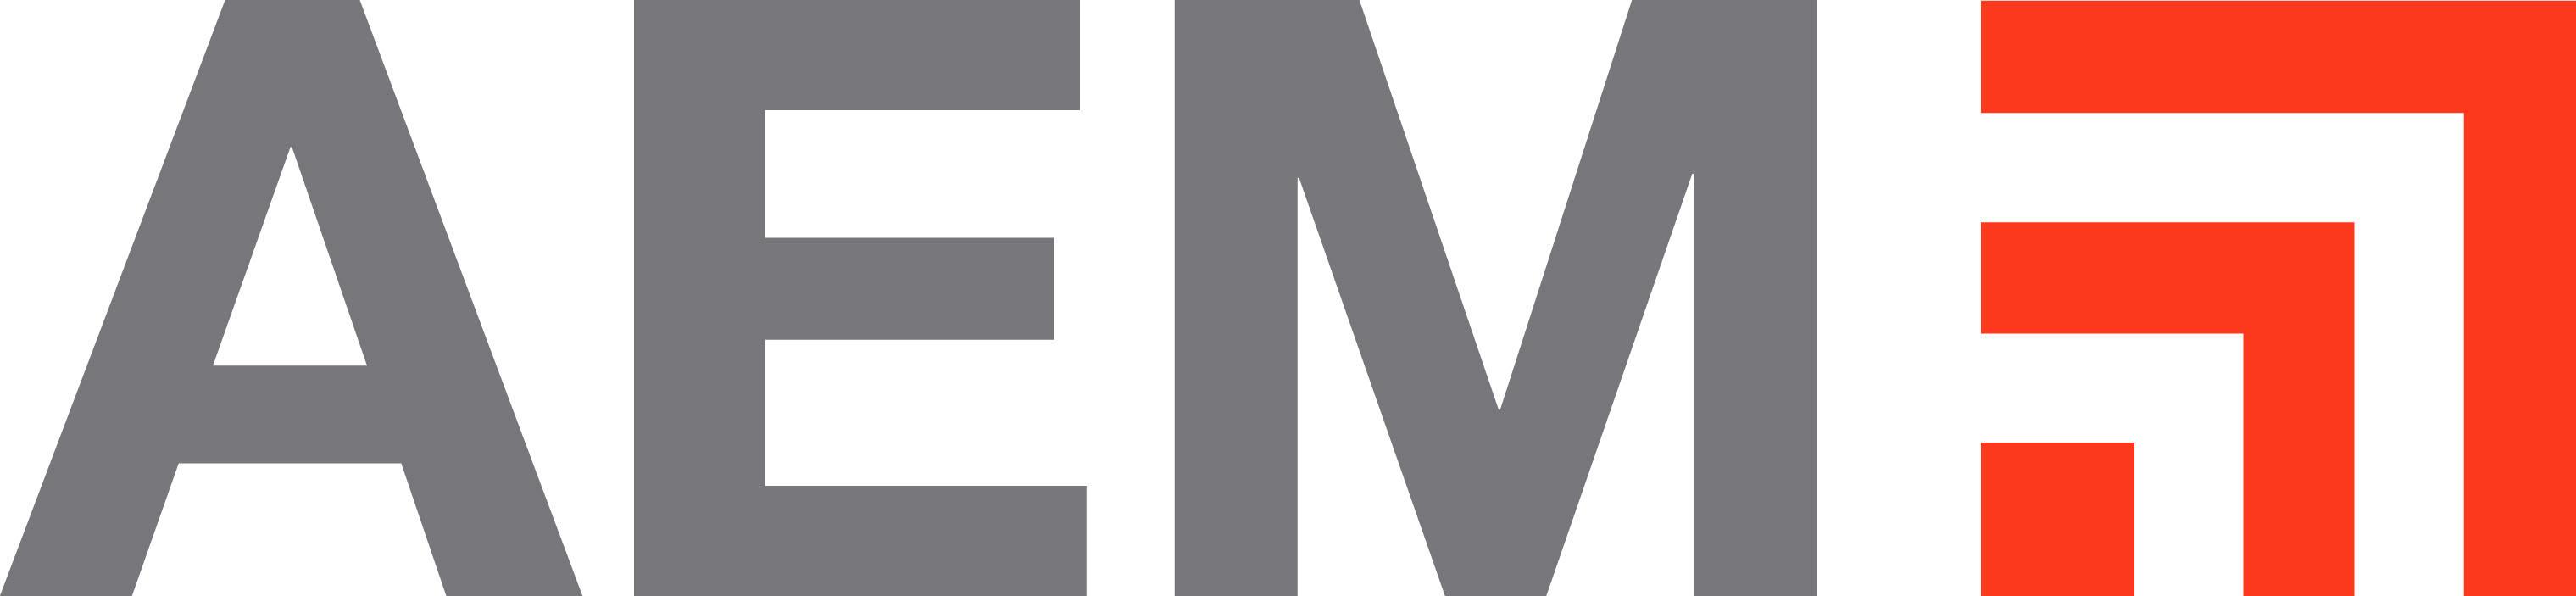 AEM new logo.